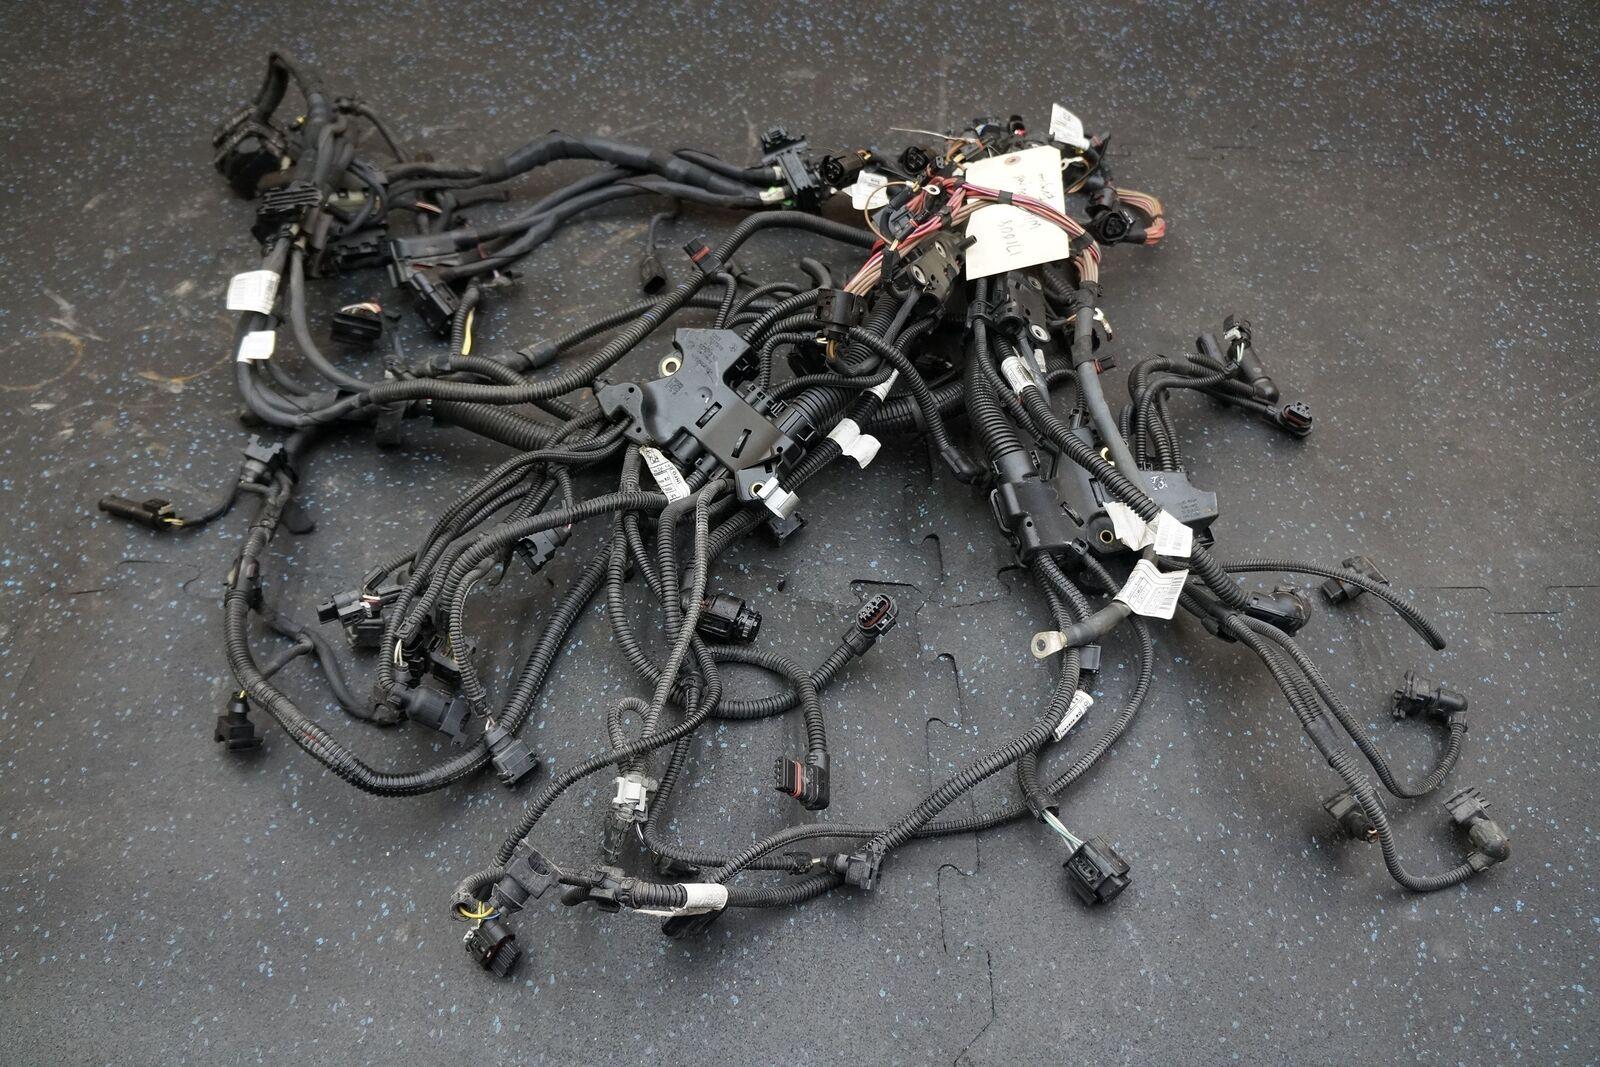 bmw x5 wiring harness 4 4l v8 n63b44b engine wiring wire harness 12518605652 bmw x5 x6  4 4l v8 n63b44b engine wiring wire